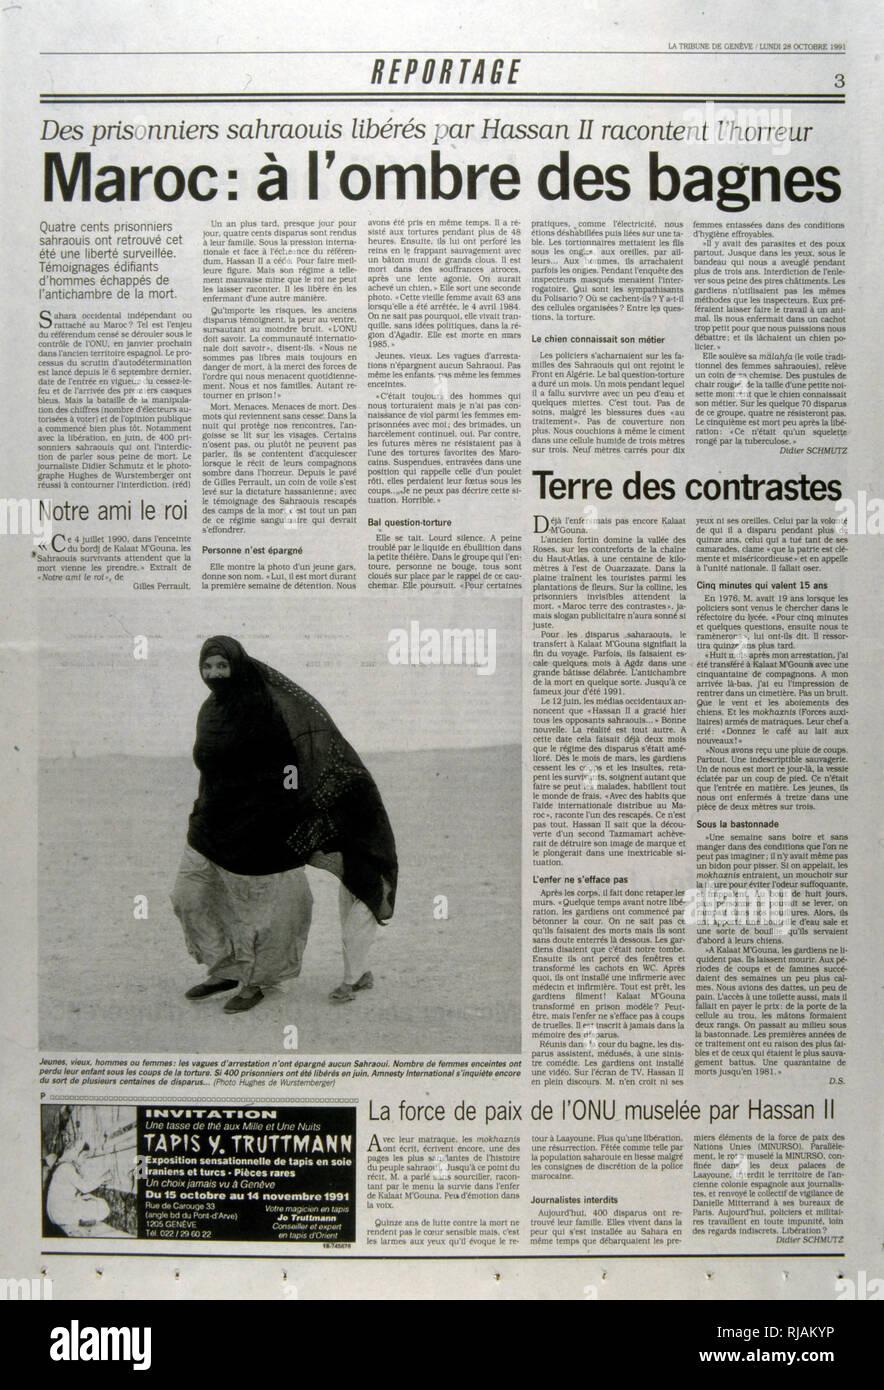 """Periódico suizo """"reportaje"""" artículo sobre la tortura y la detención narrada por cientos de presos políticos marroquíes liberados por el Rey Hassan II. Imagen De Stock"""